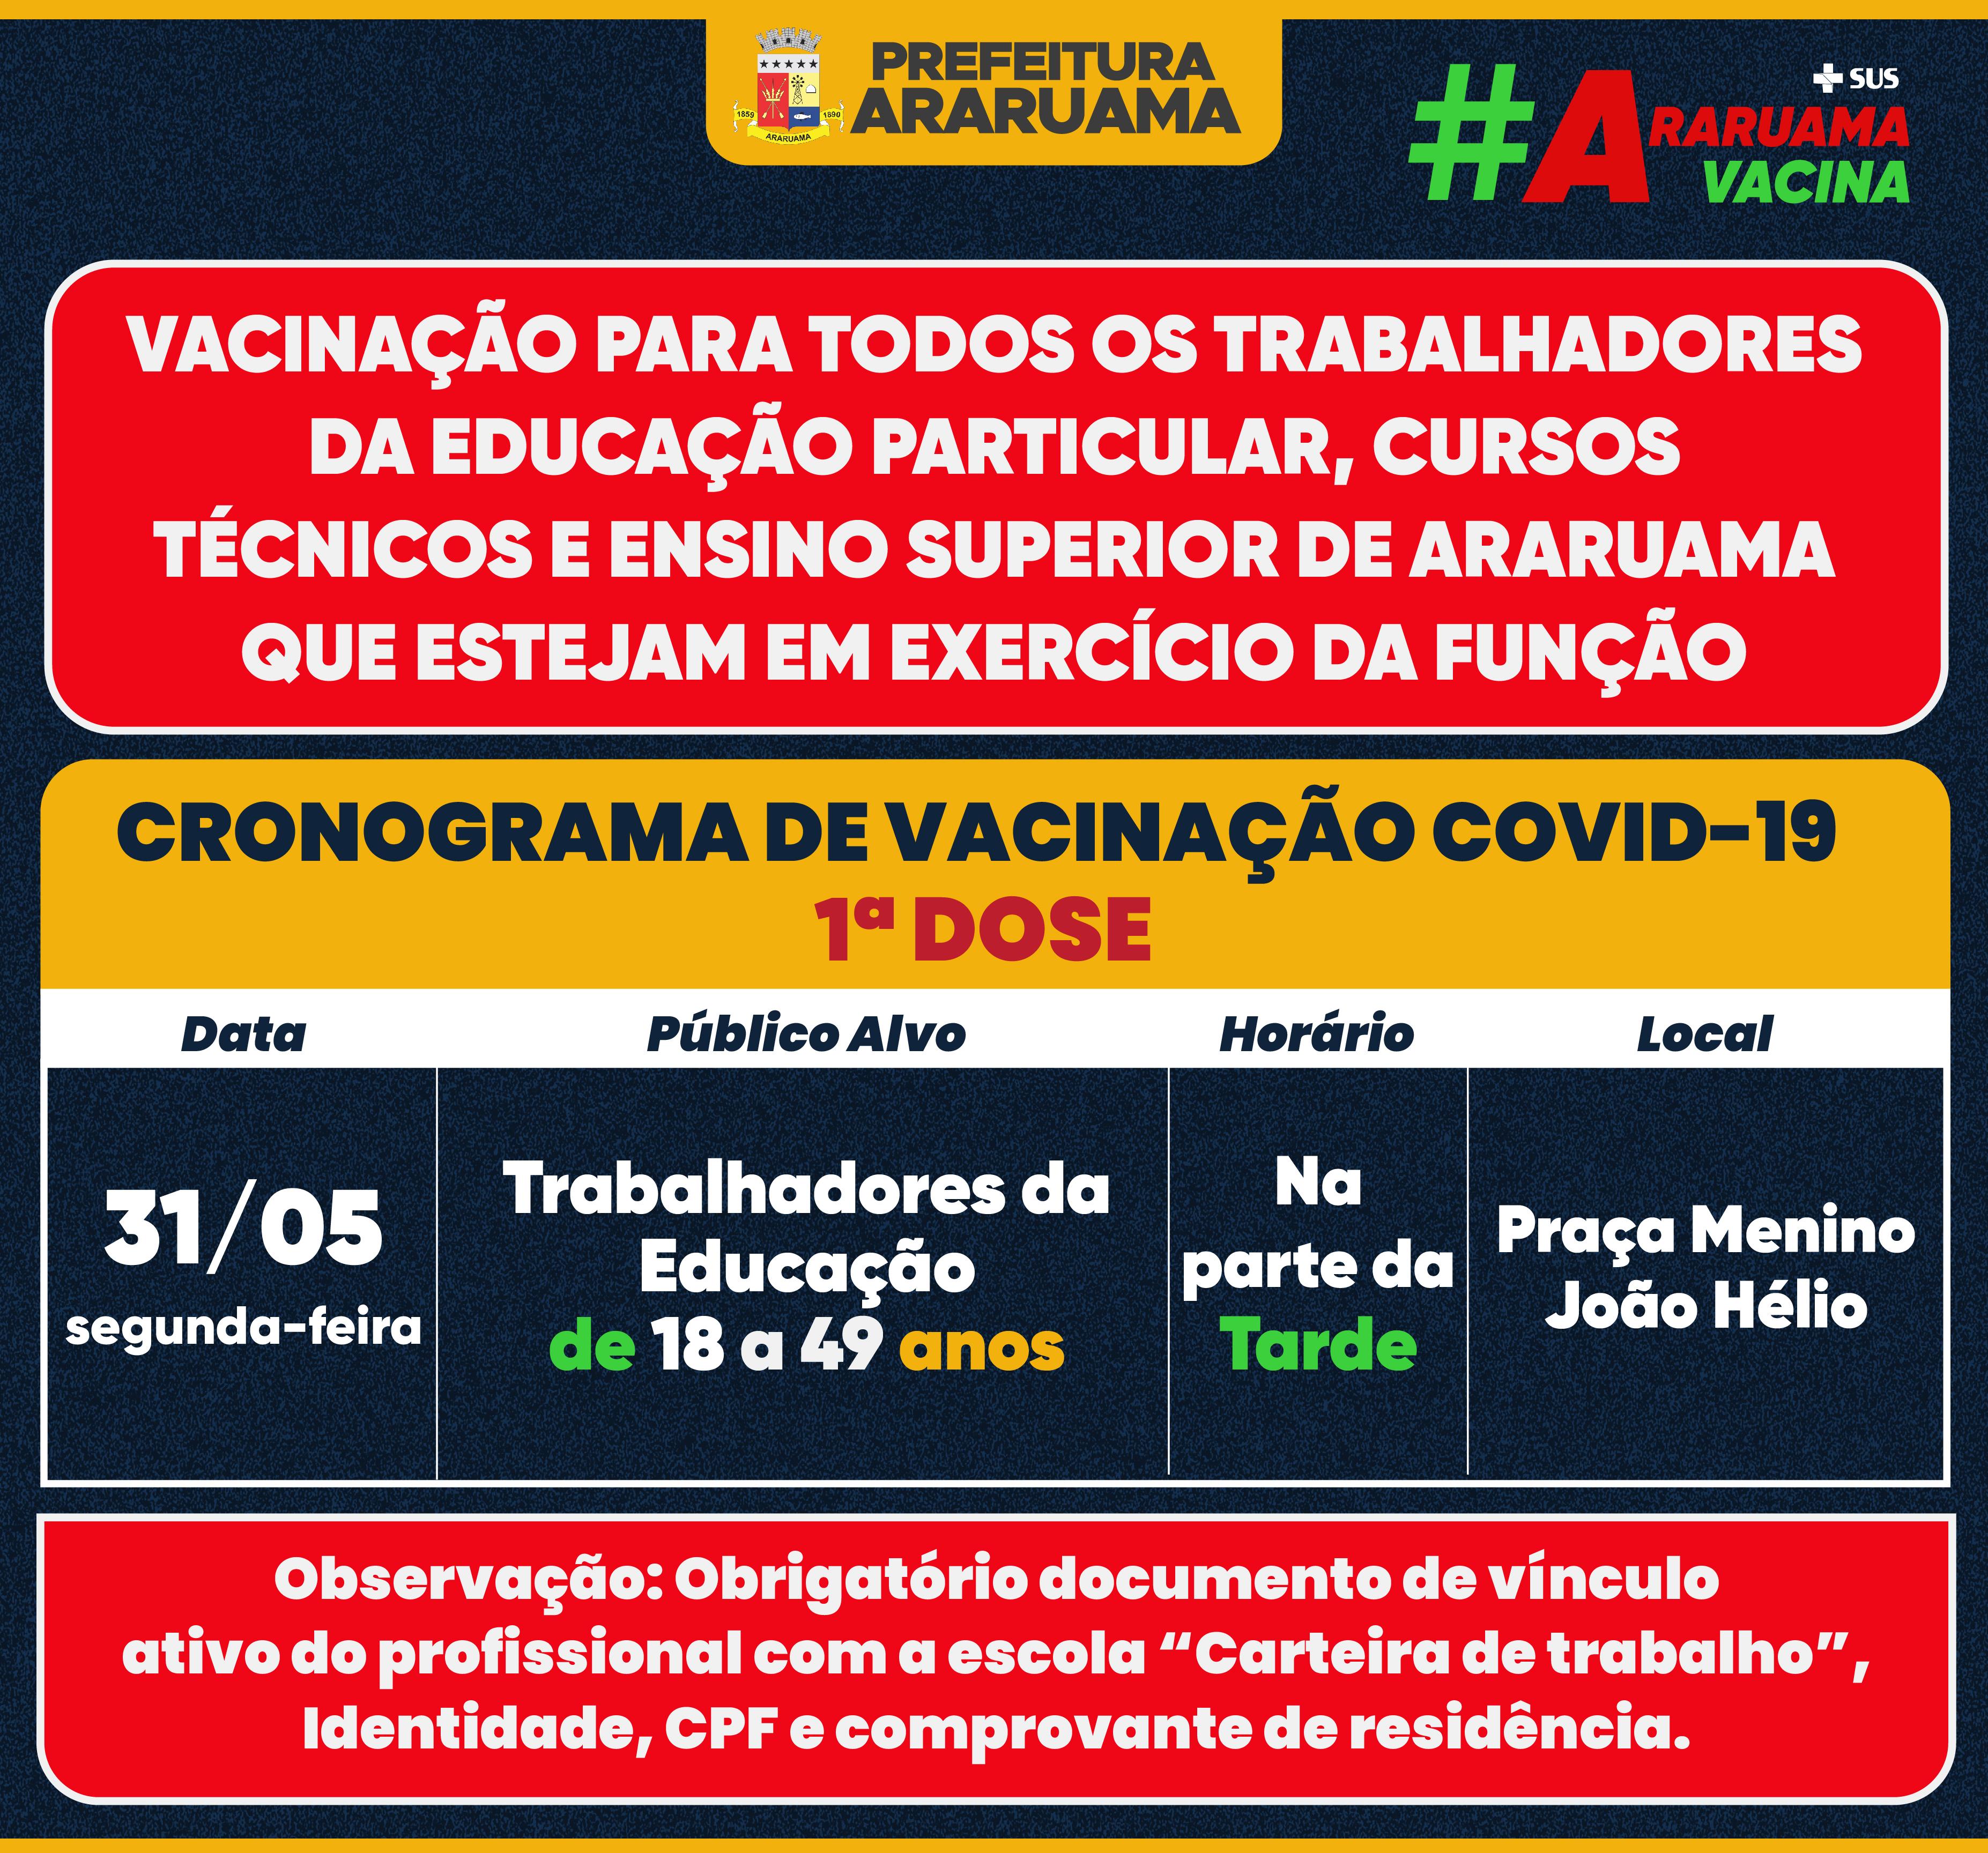 Calendário de vacinação para todos os profissionais da Educação da Rede Particular, Cursos Técnicos e Ensino Superior de Araruama